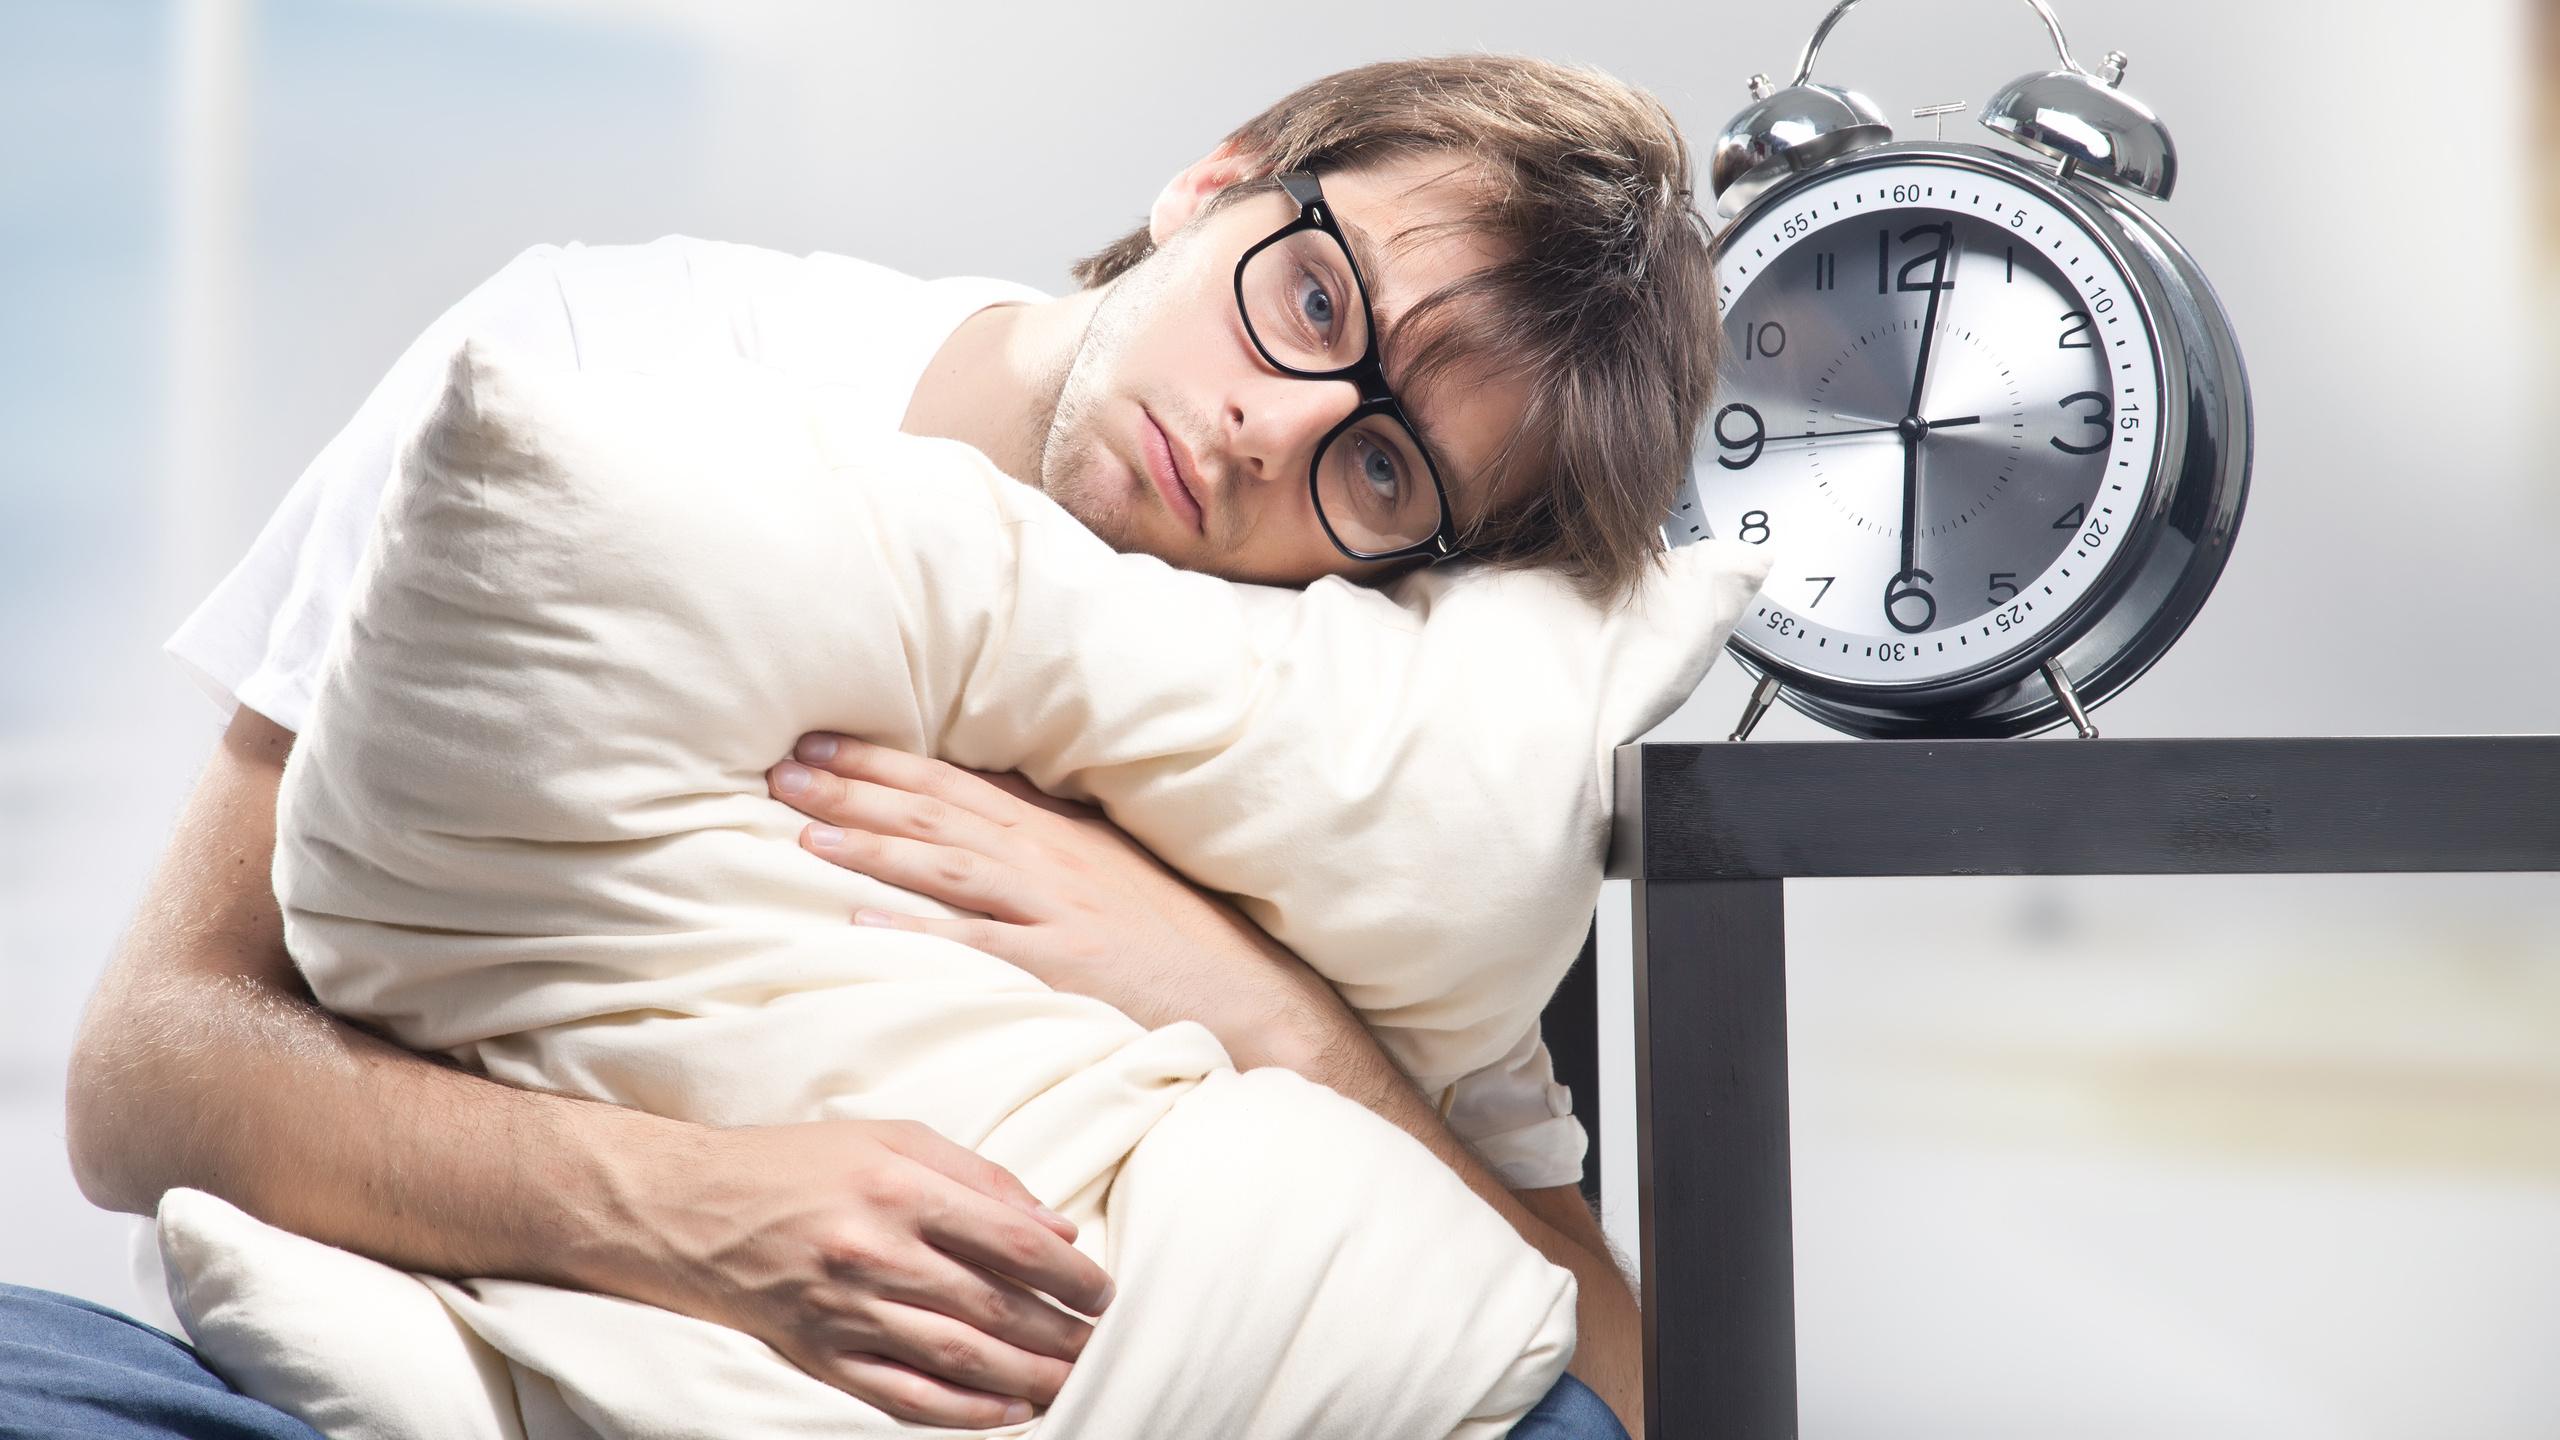 Лечение хронической бессонницы: лучшие методы и средства